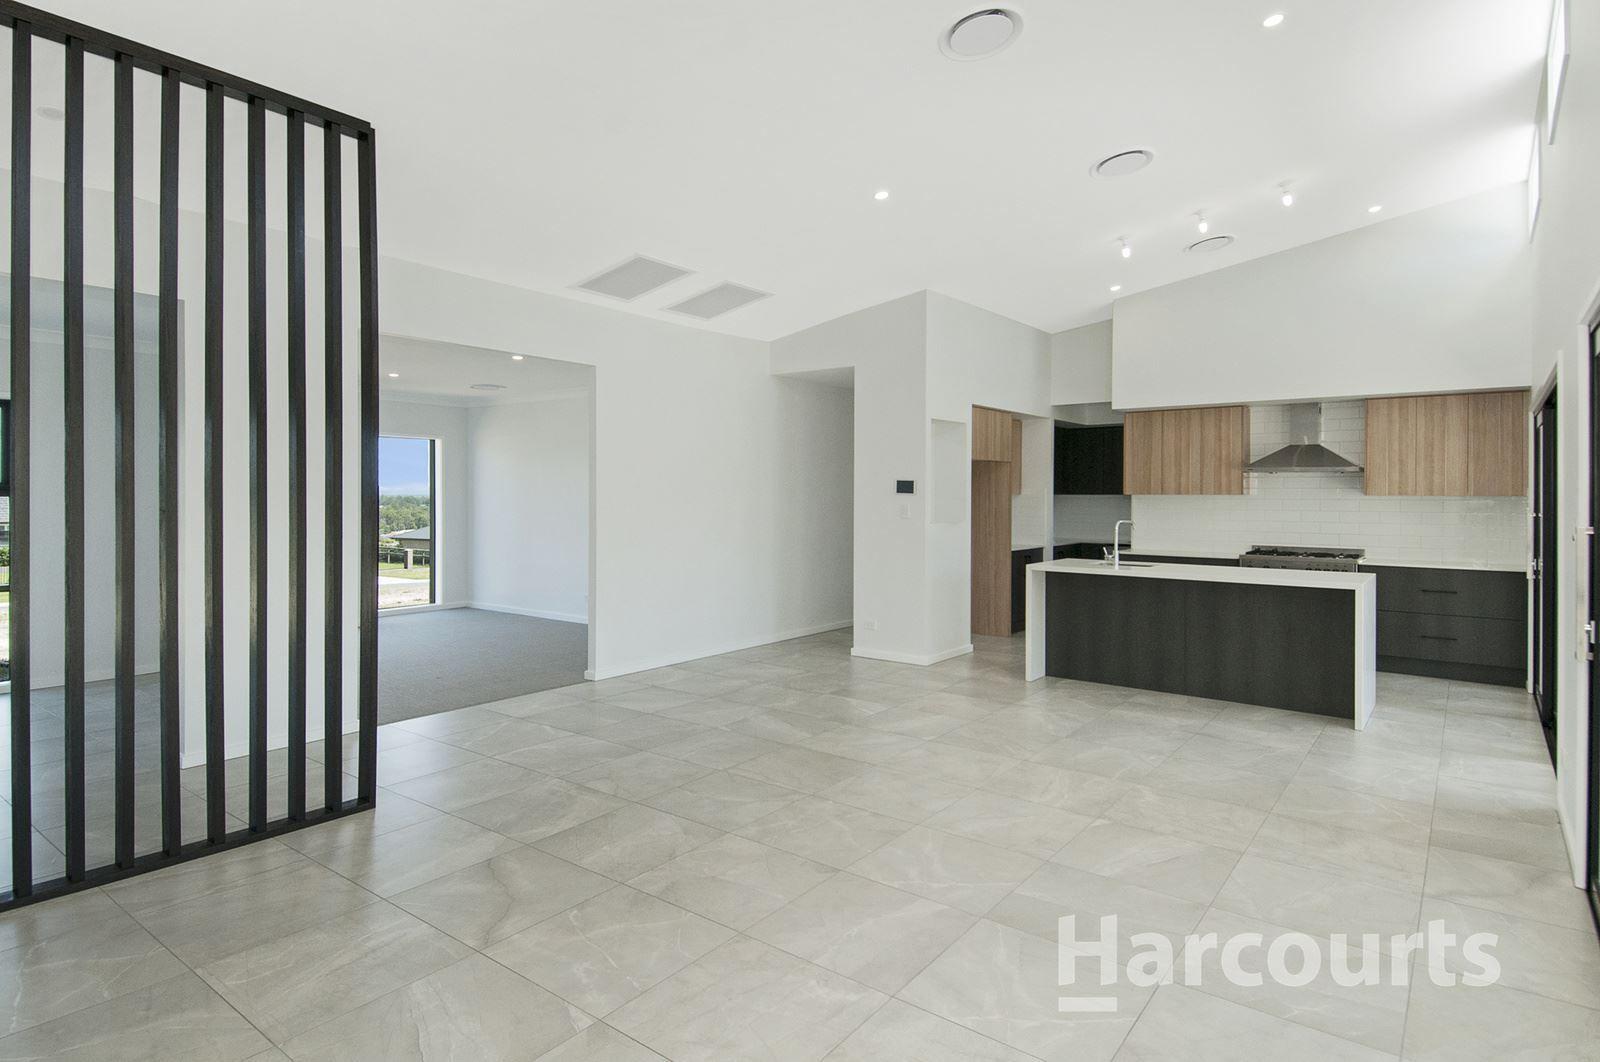 64-66 Weatherly Drive, Jimboomba QLD 4280, Image 1